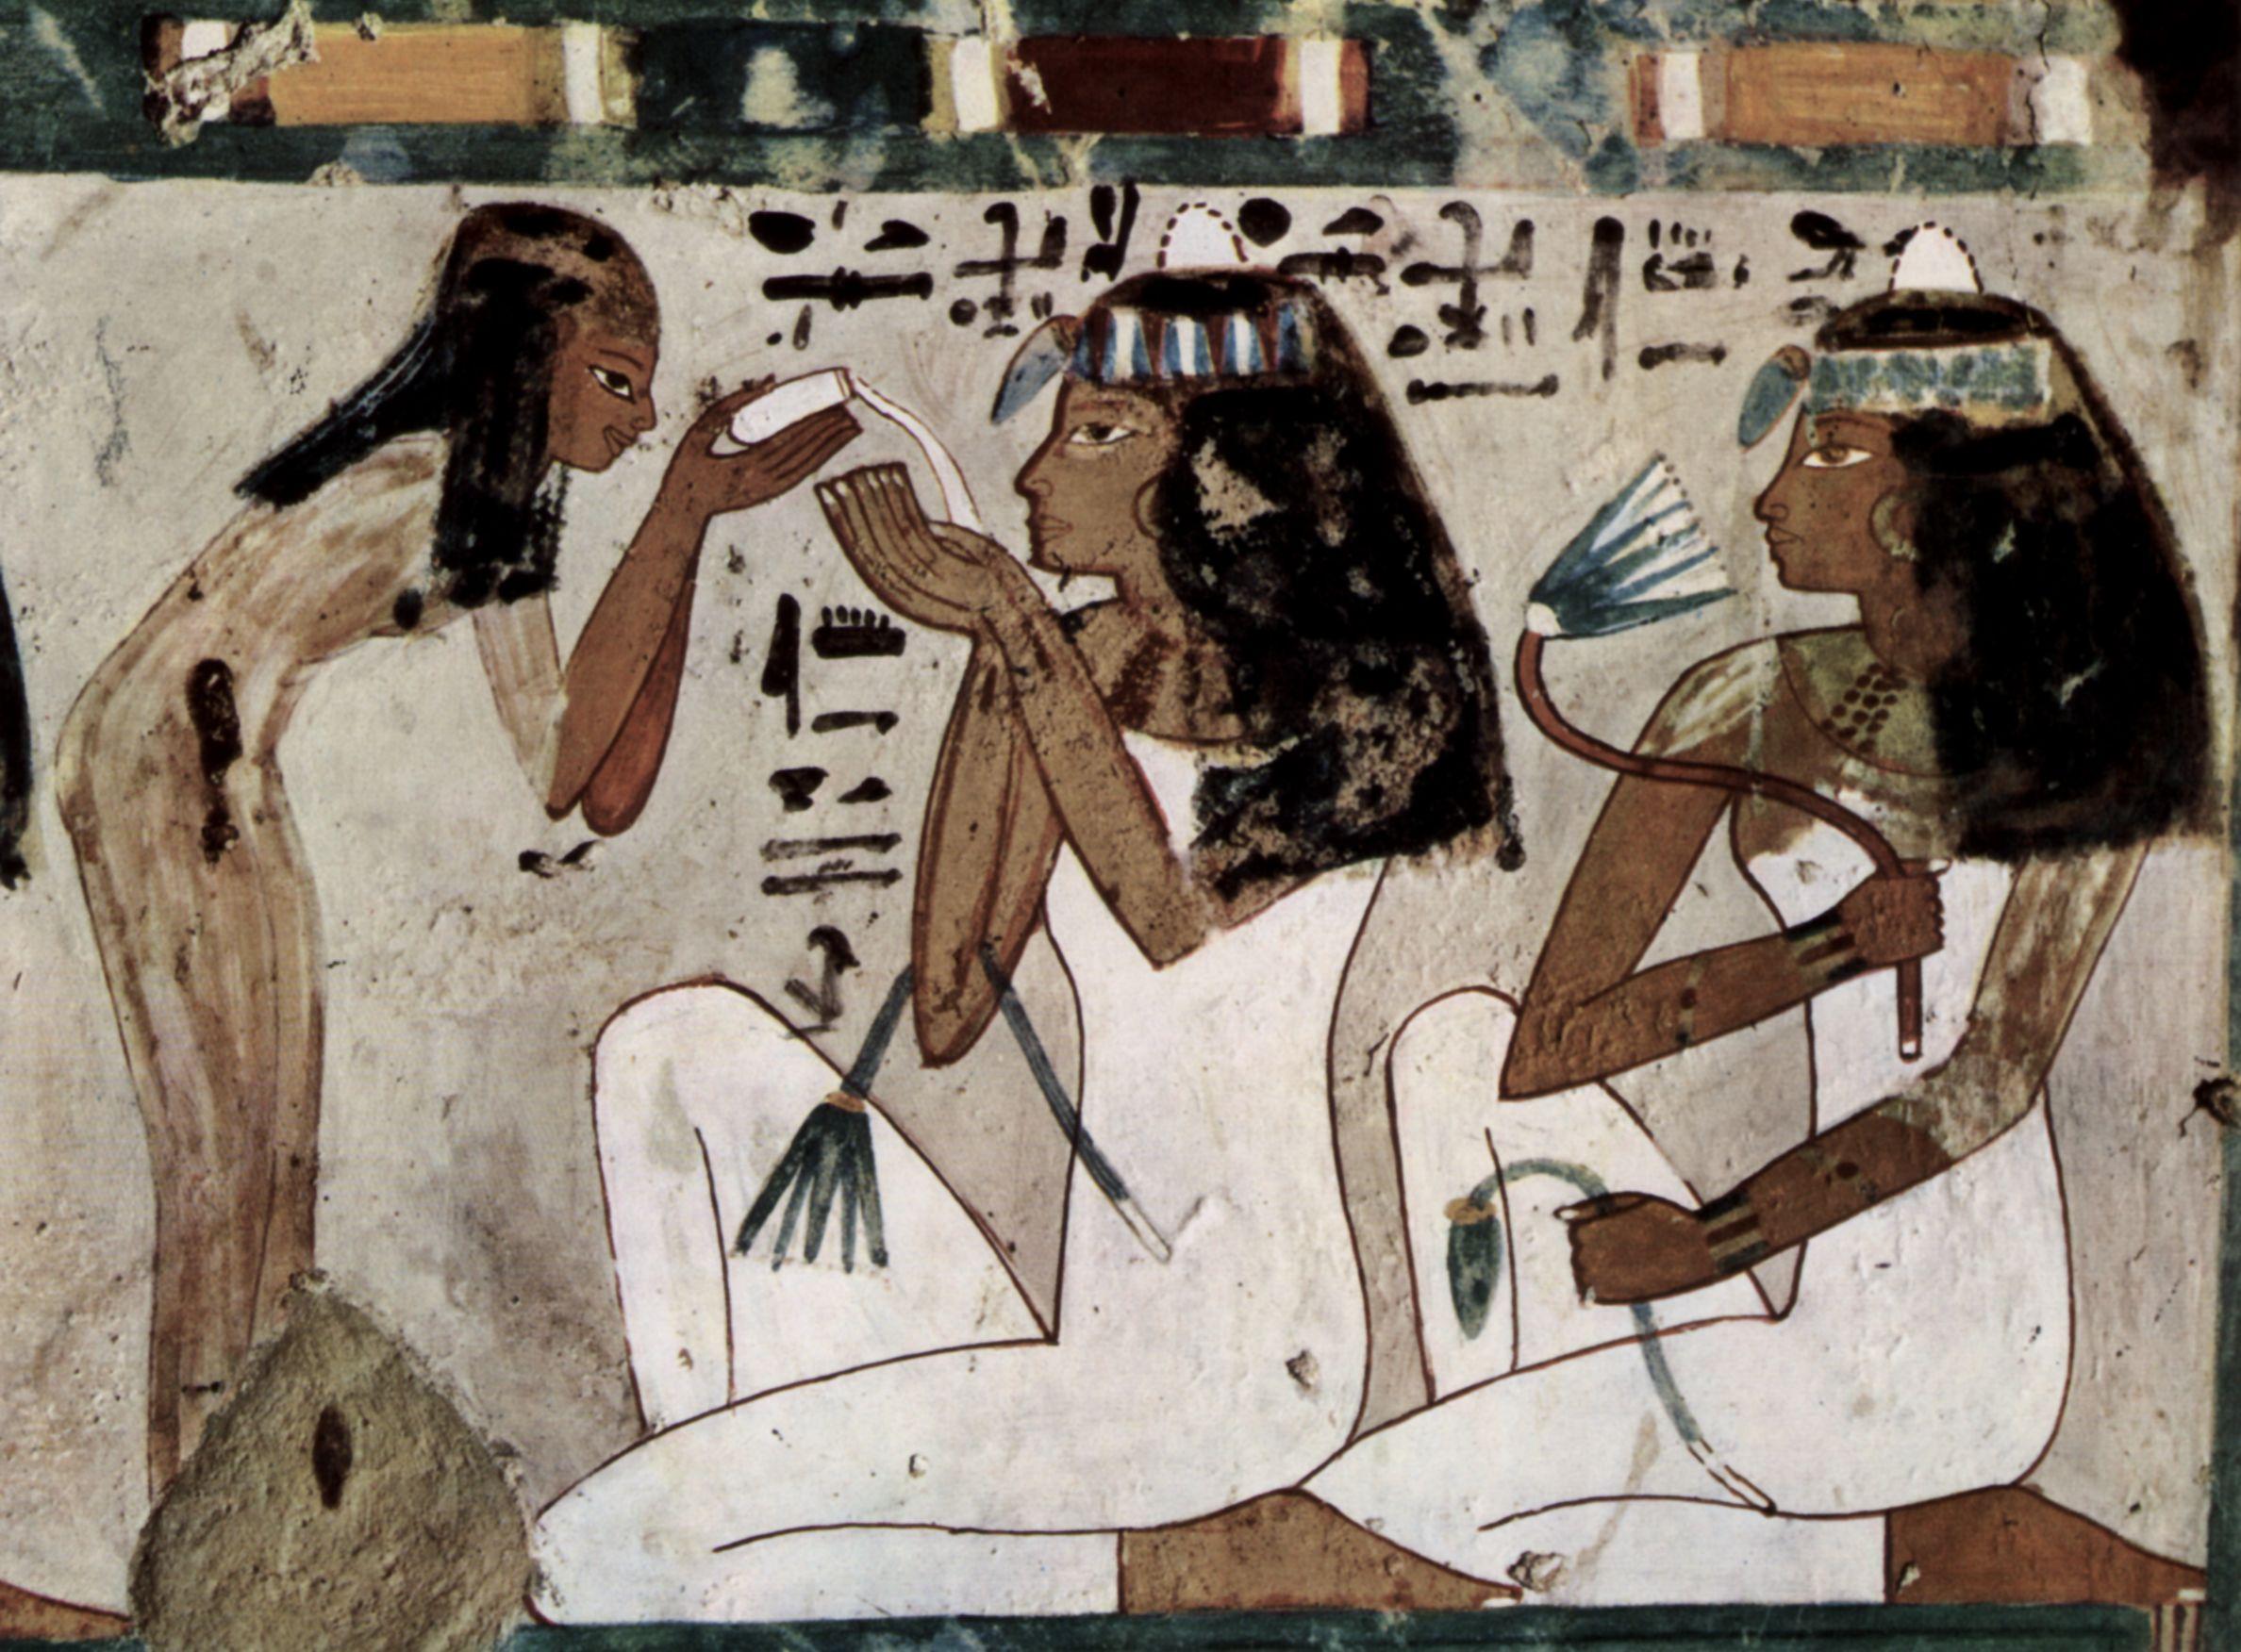 Достоверно известно, что ногтевые пластины окрашивали в Древнем Египте